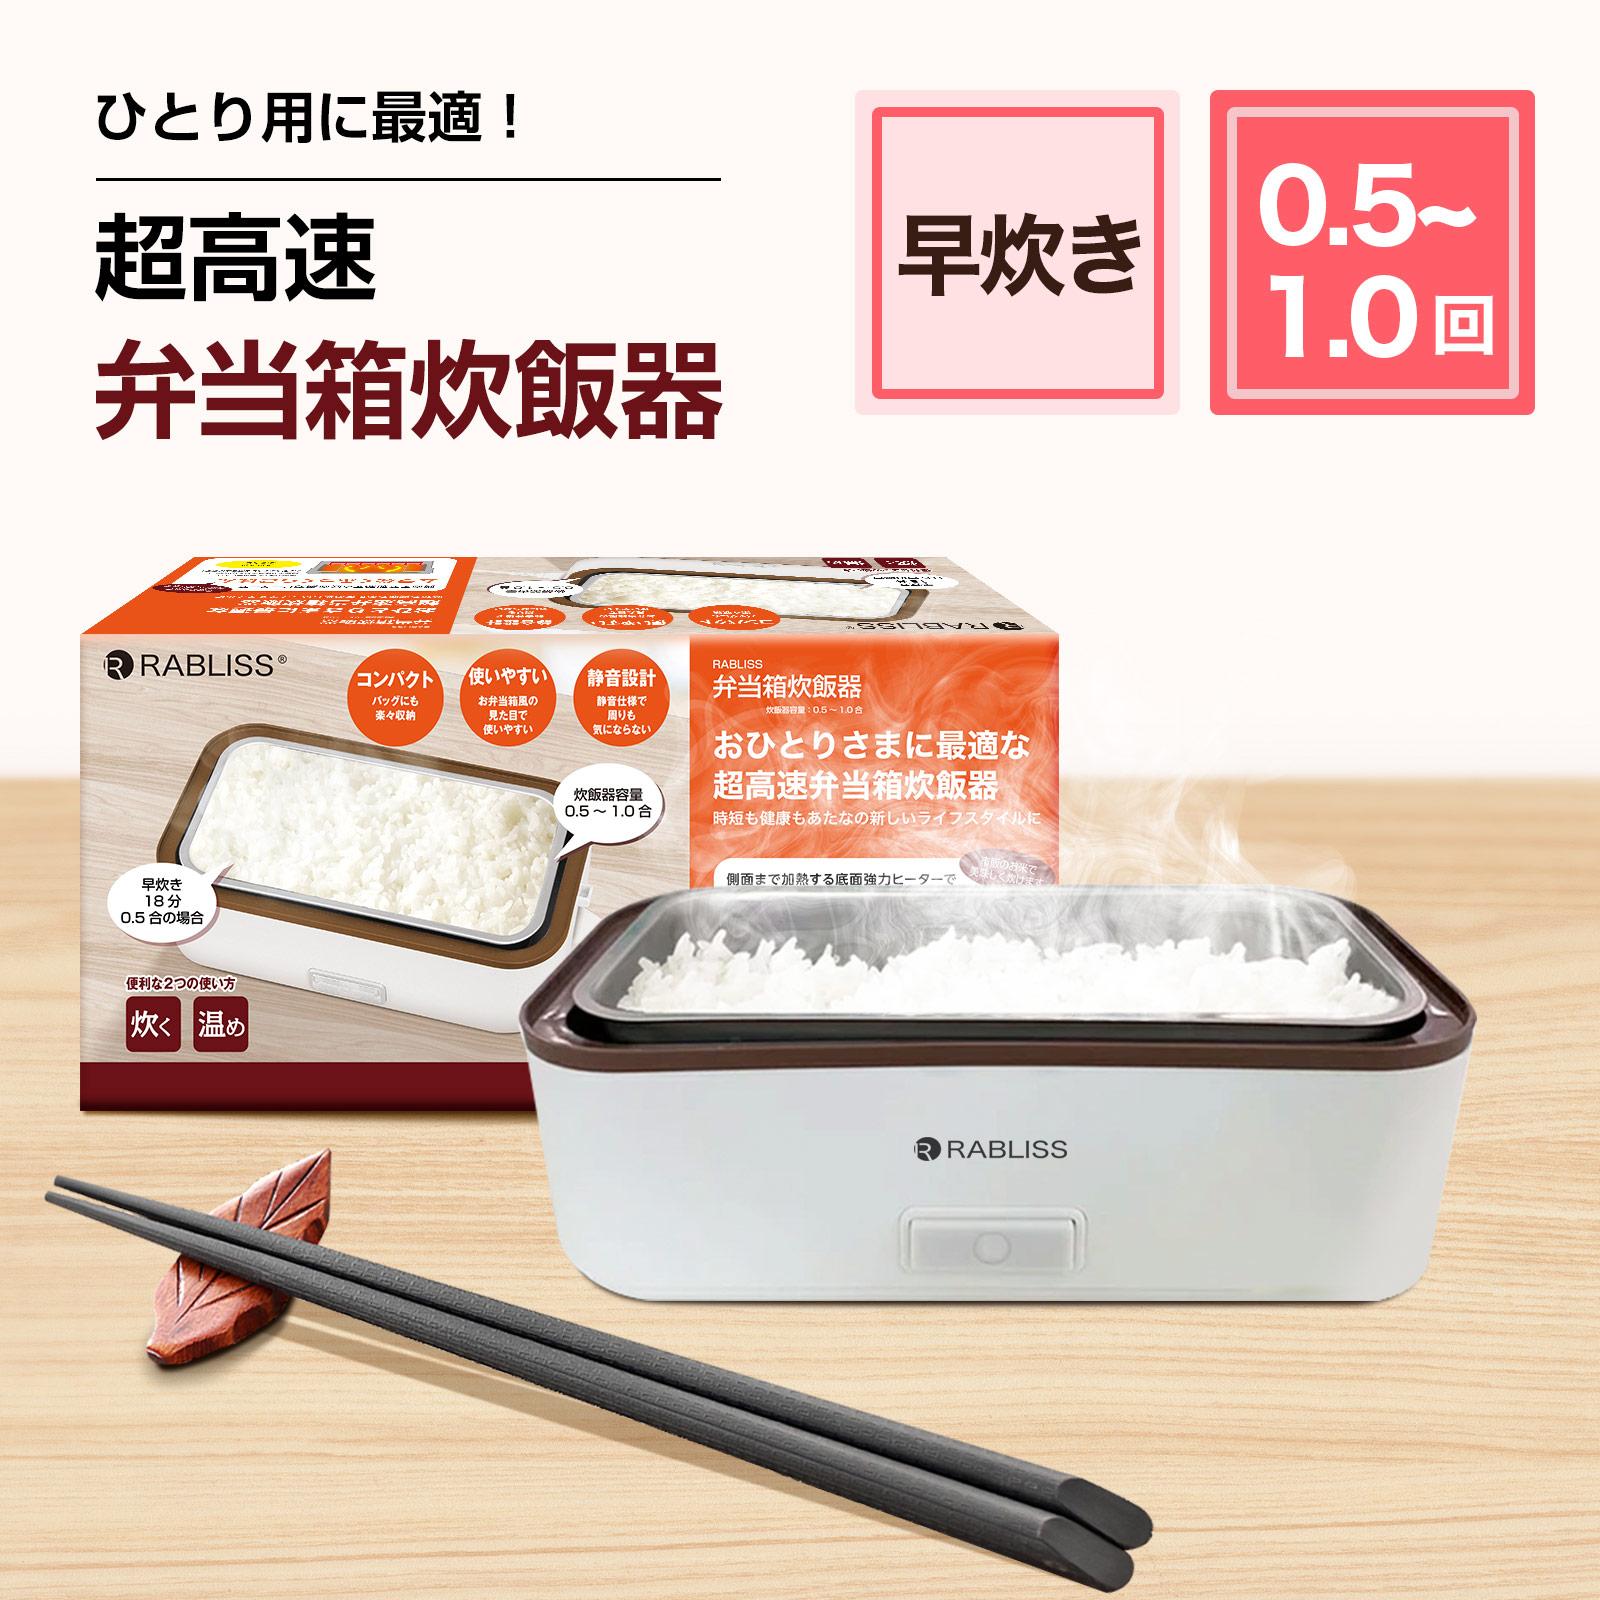 炊飯器 おひとりさま用 超高速弁当箱炊飯器 一合  小型炊飯器 電気炊飯器 コンパクト炊飯機